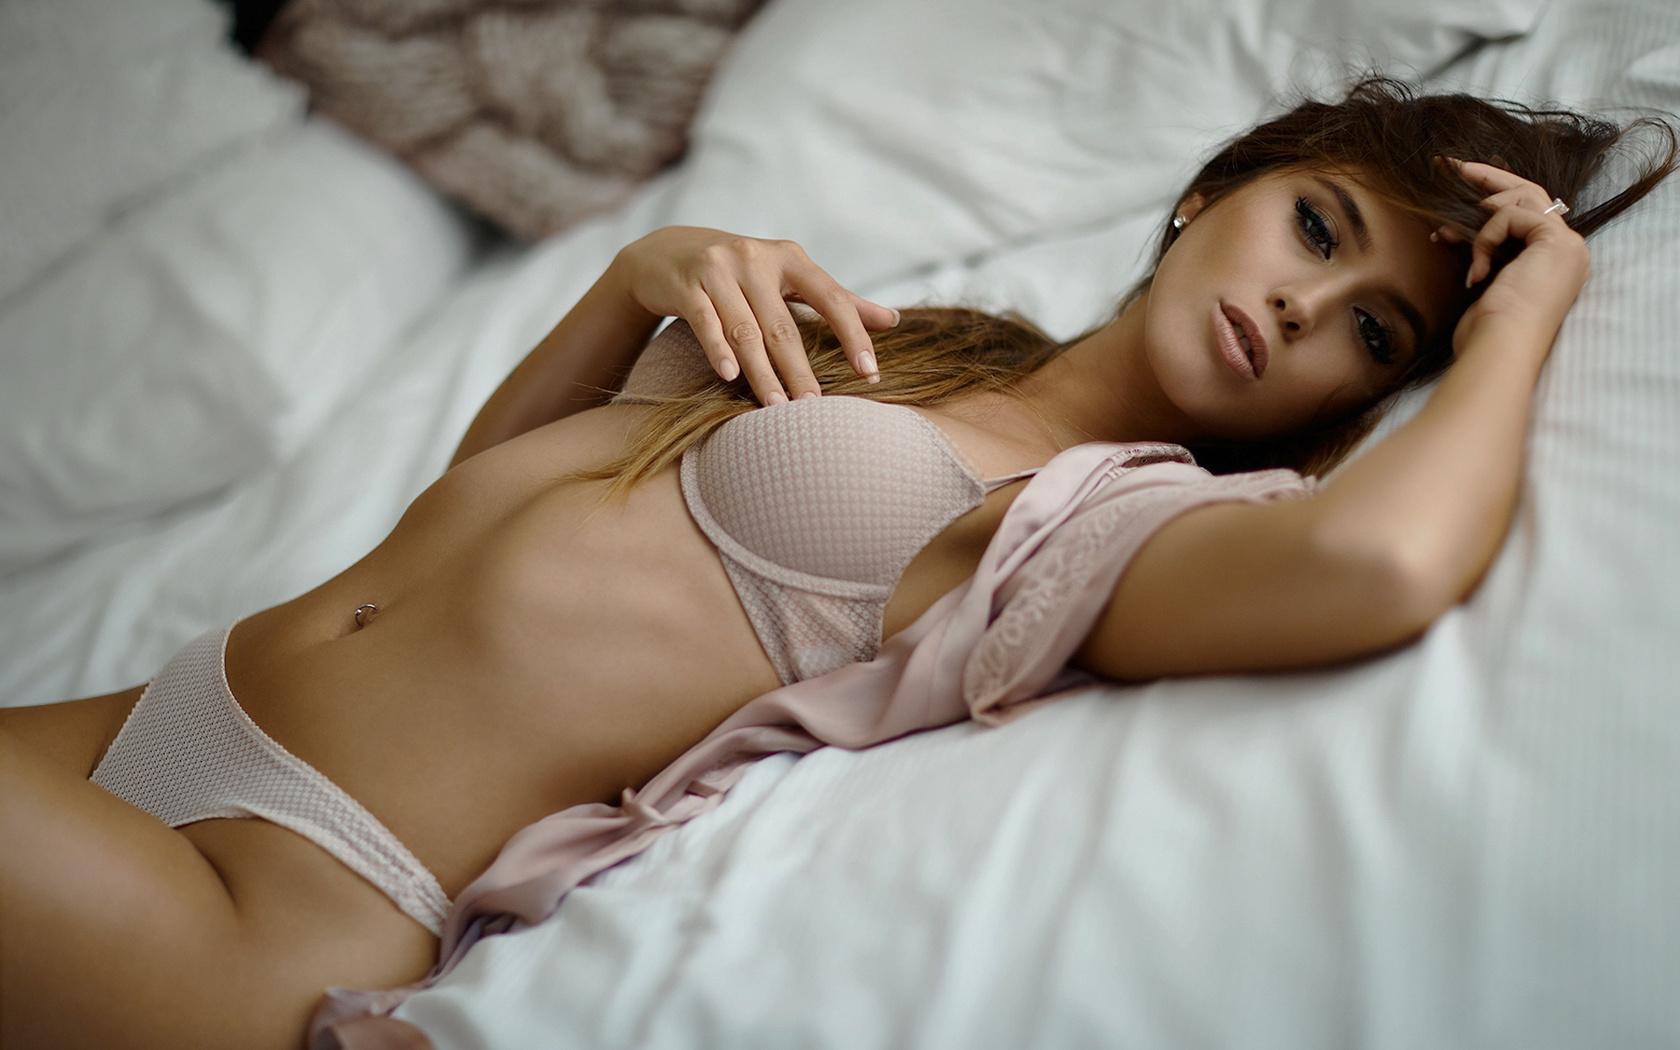 Фото с девушкой в постели, Фото красивых девушек в постели 14 фотография